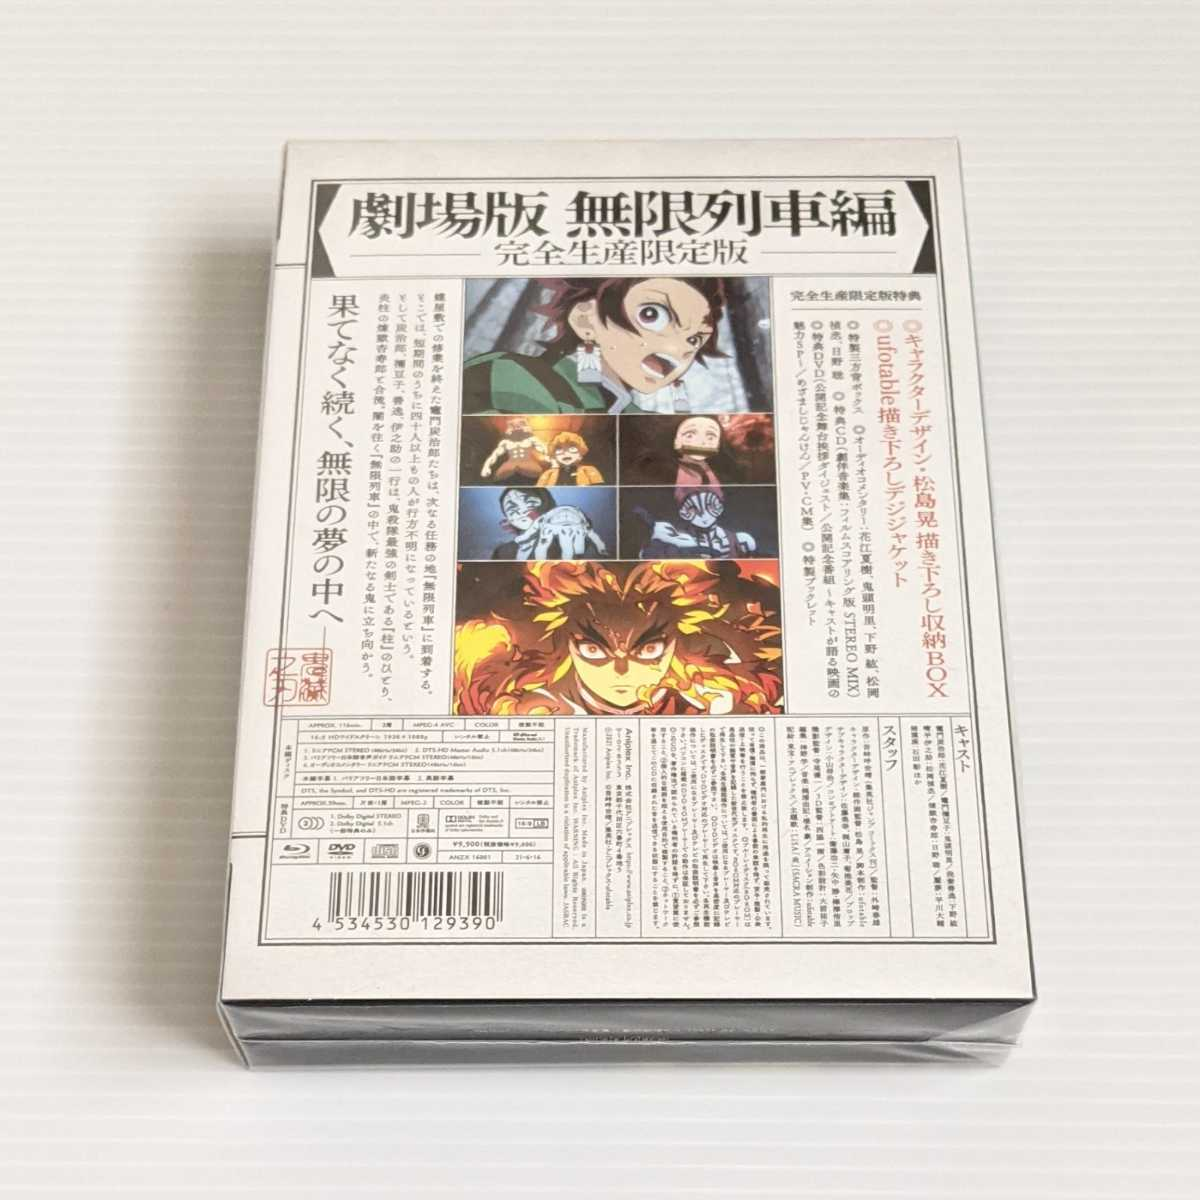 送料無料 新品 劇場版「鬼滅の刃」無限列車編 Blu-ray ブルーレイ 完全生産限定版